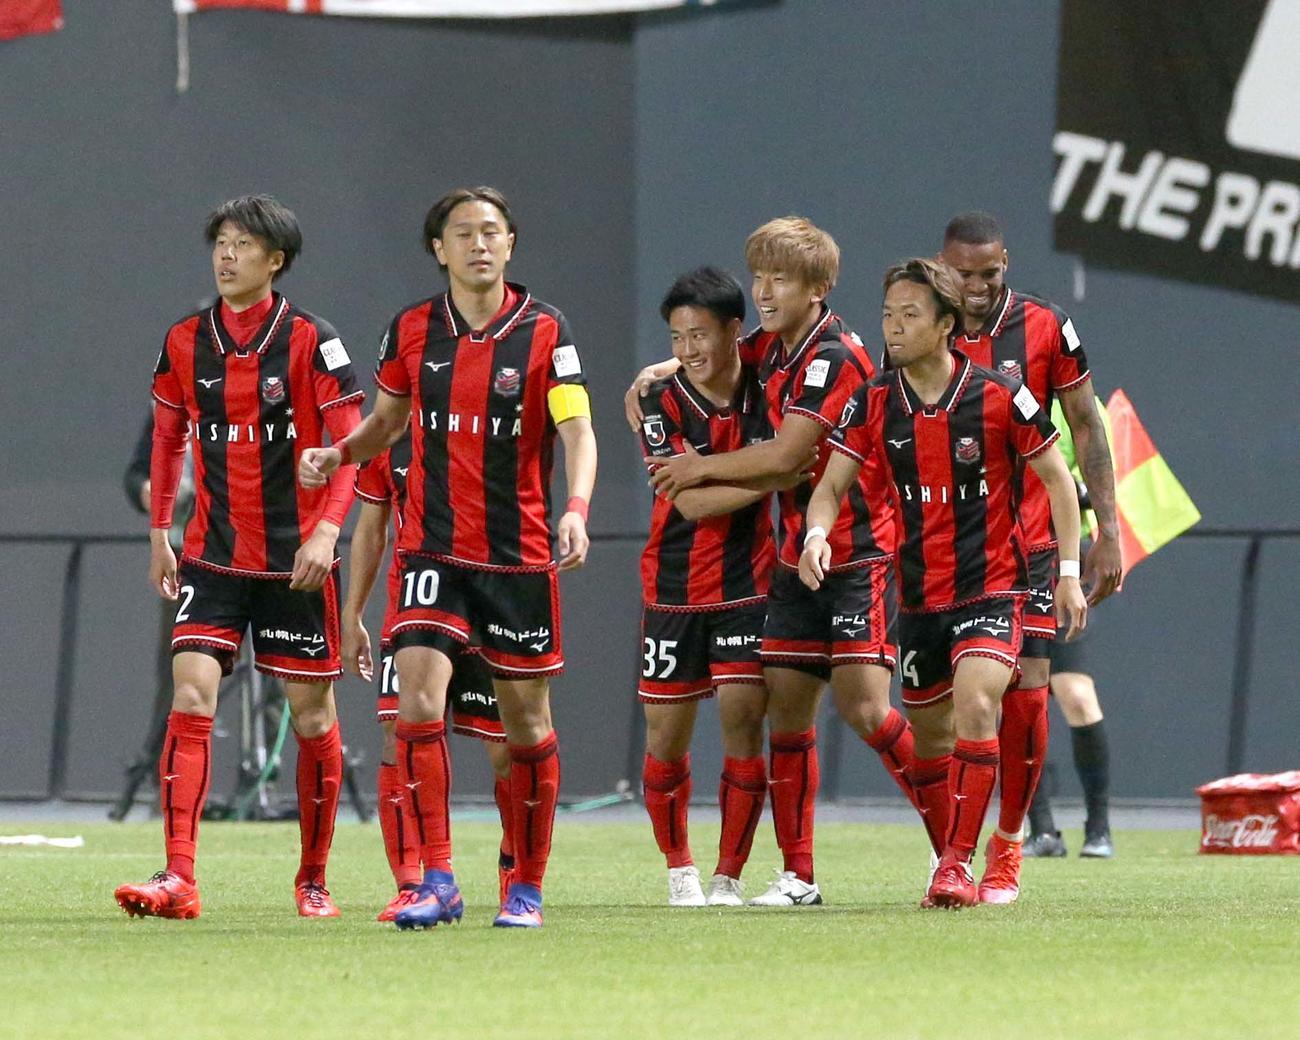 札幌対横浜FC 前半4分、ゴールを決めチームメートと喜ぶ札幌MF金子(右から3人目)(撮影・佐藤翔太)